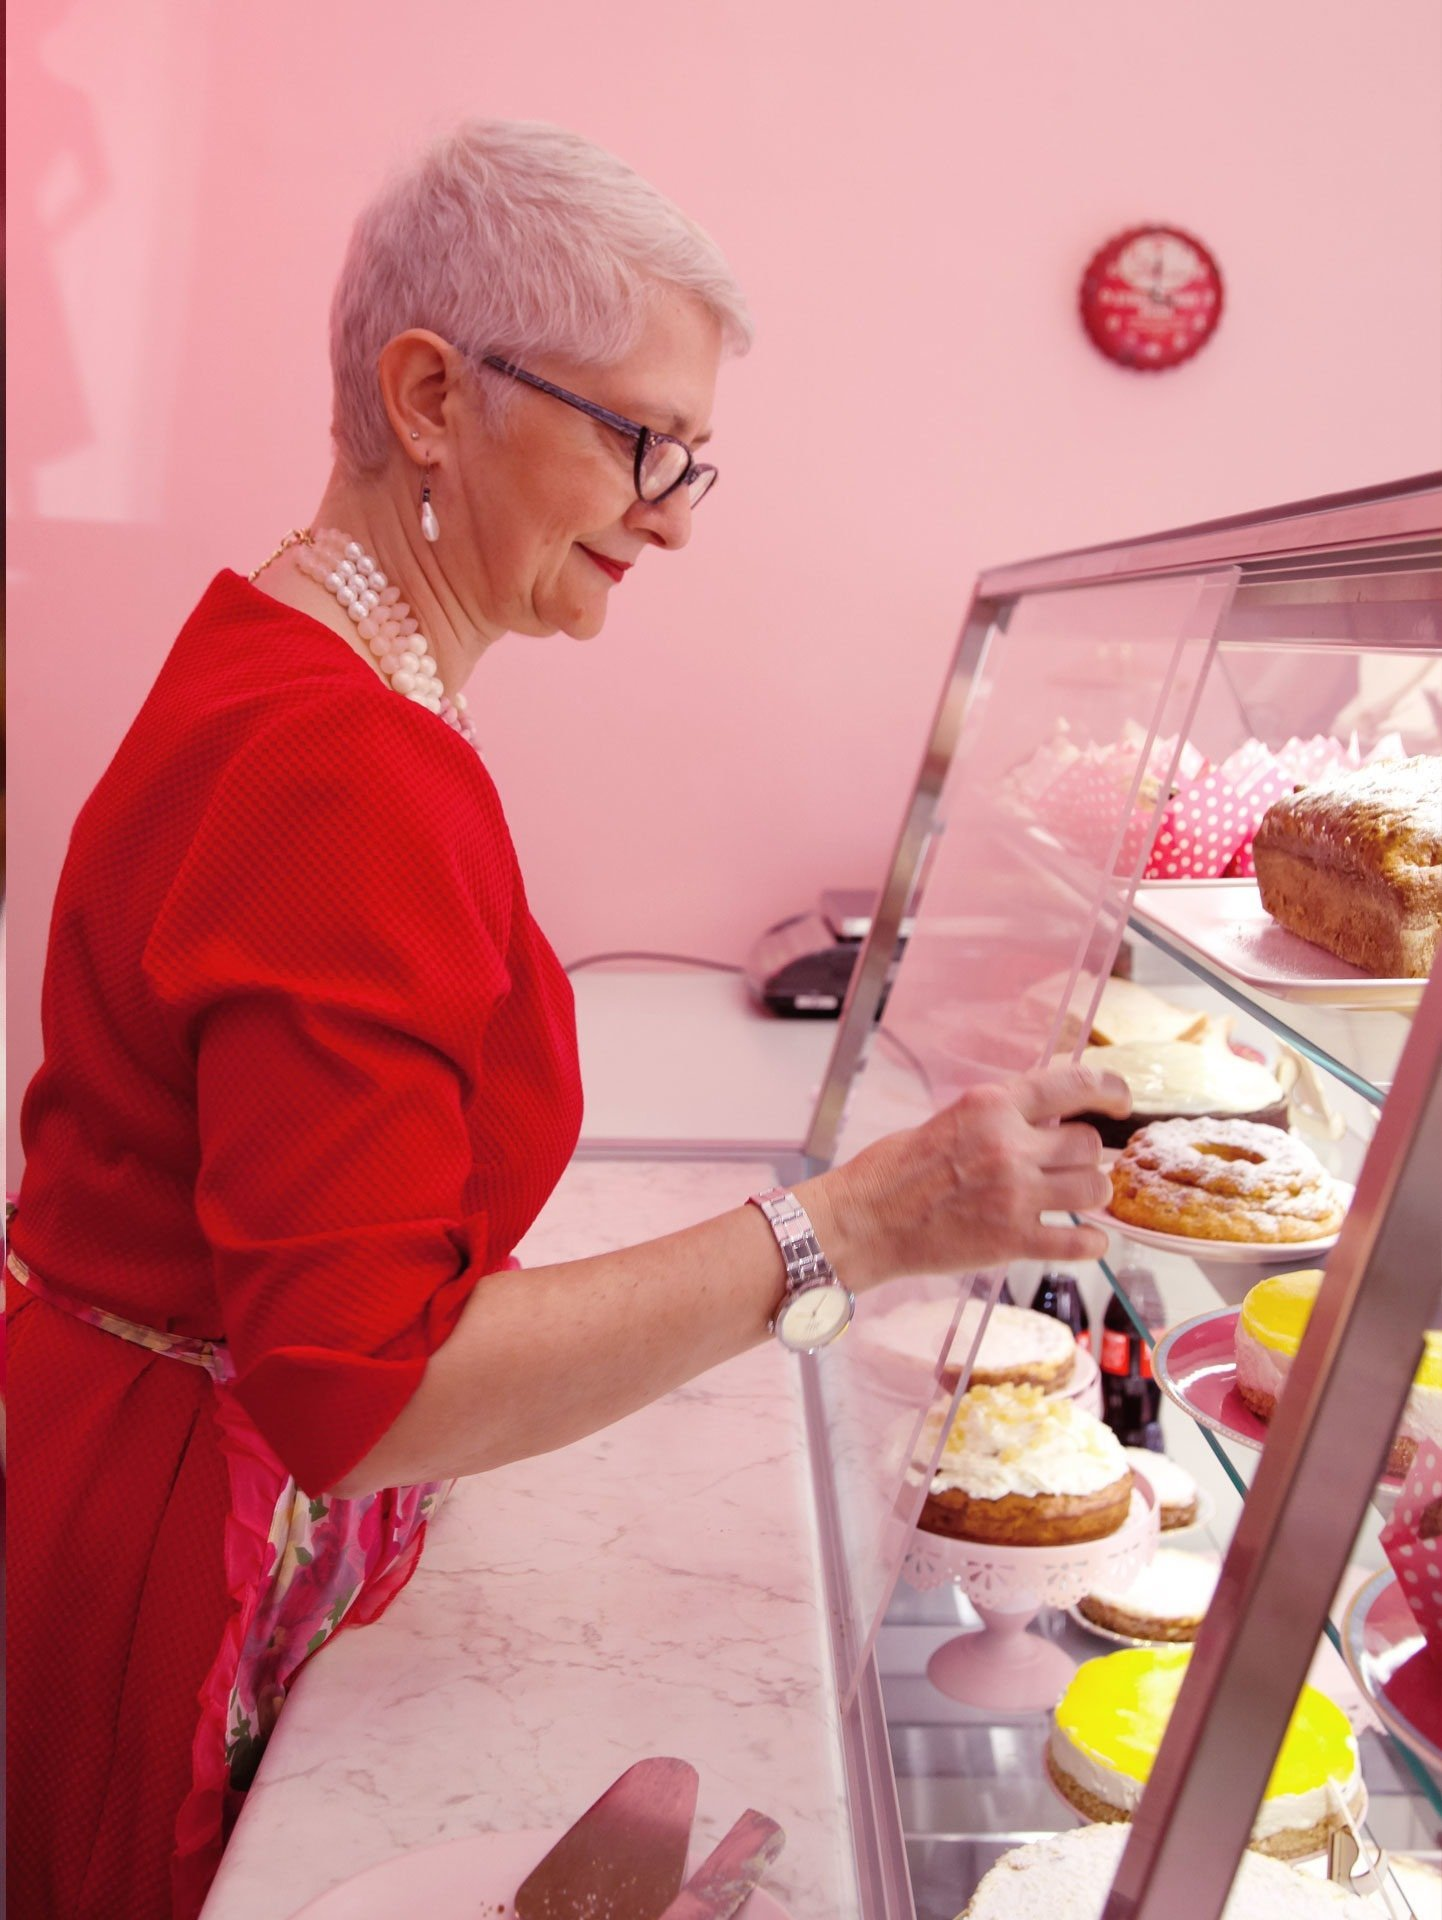 sublime food midge bakery 2 6 1442x1920 1